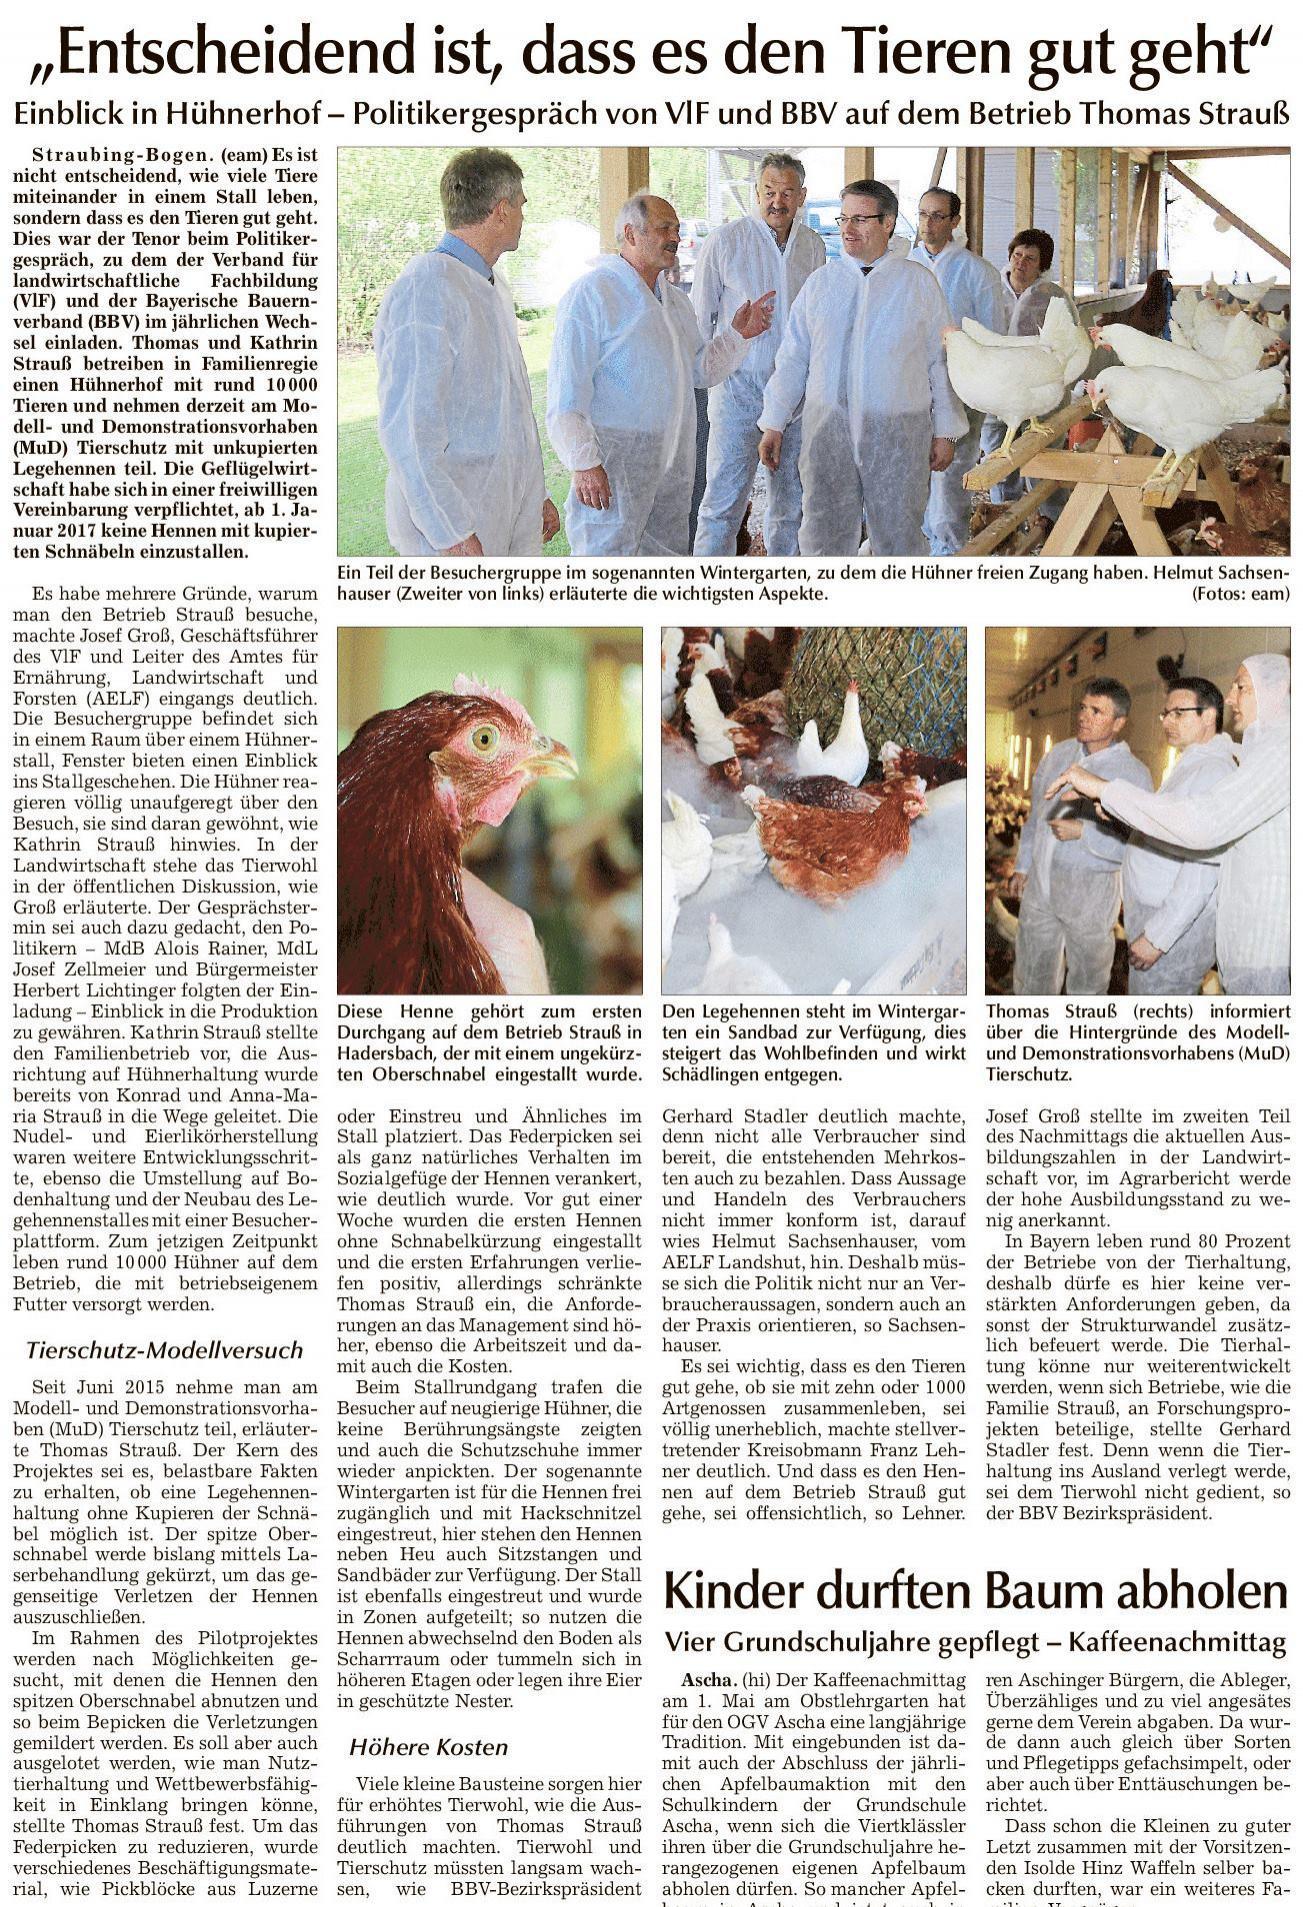 Zeitungsartikel 2 02.08.16